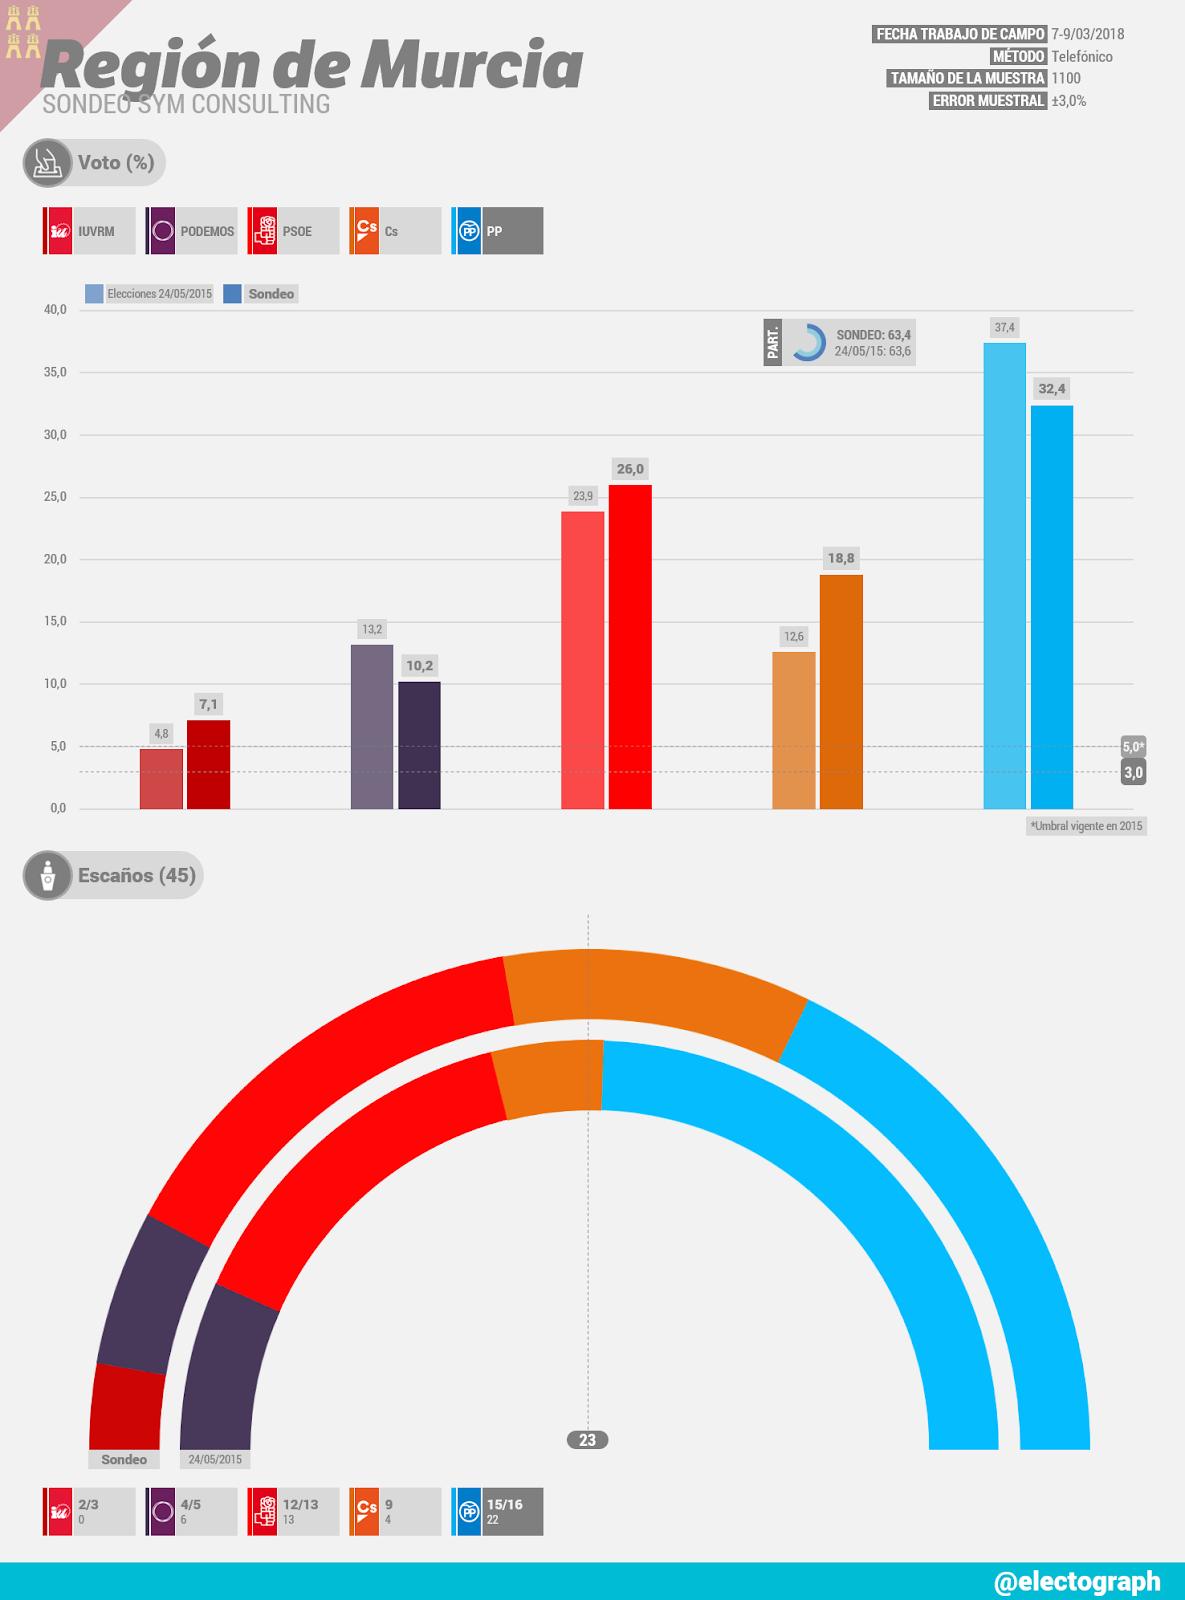 Gráfico de la encuesta para elecciones autonómicas en la Región de Murcia realizada por SyM Consulting en marzo de 2018